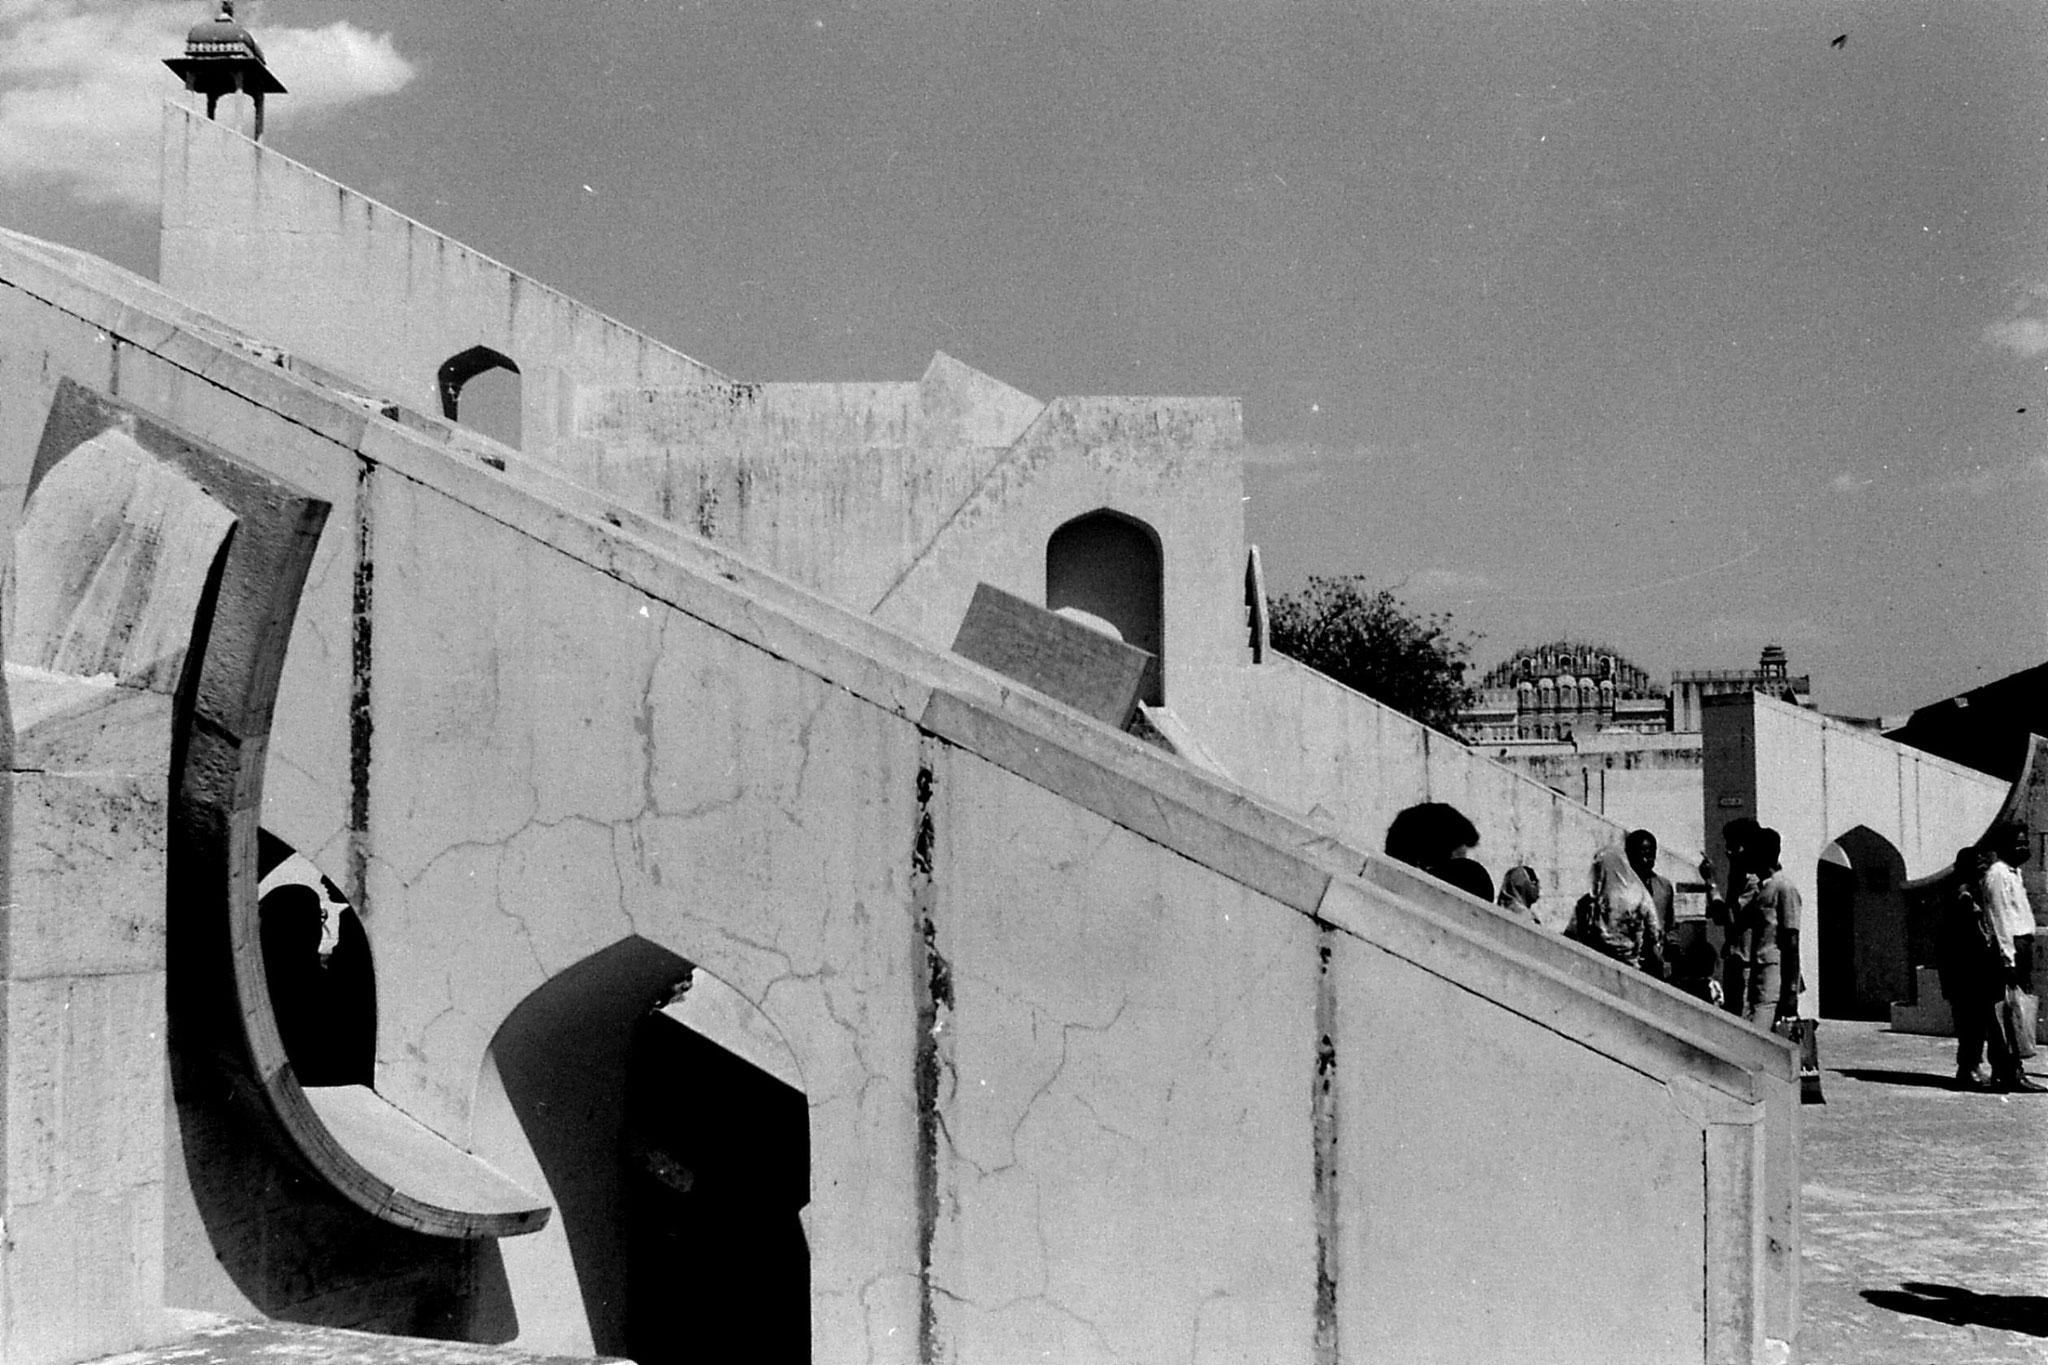 3/4/1990: 29: Jantar Mantar